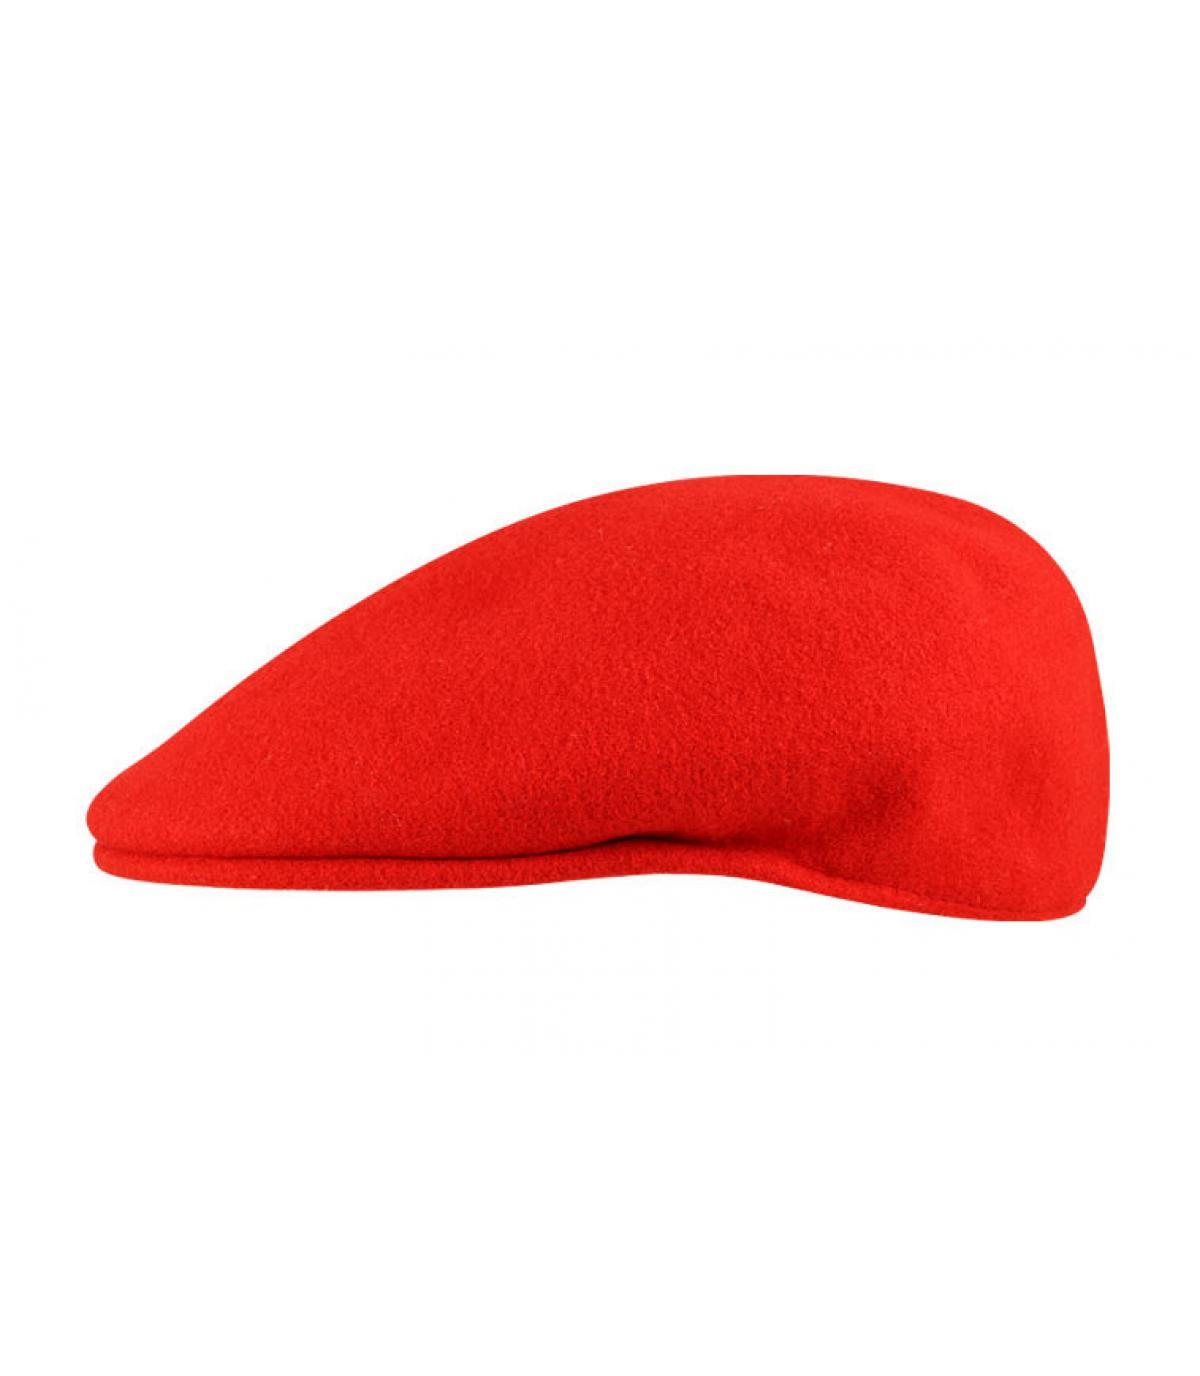 Détails 504 wool rouge - image 3